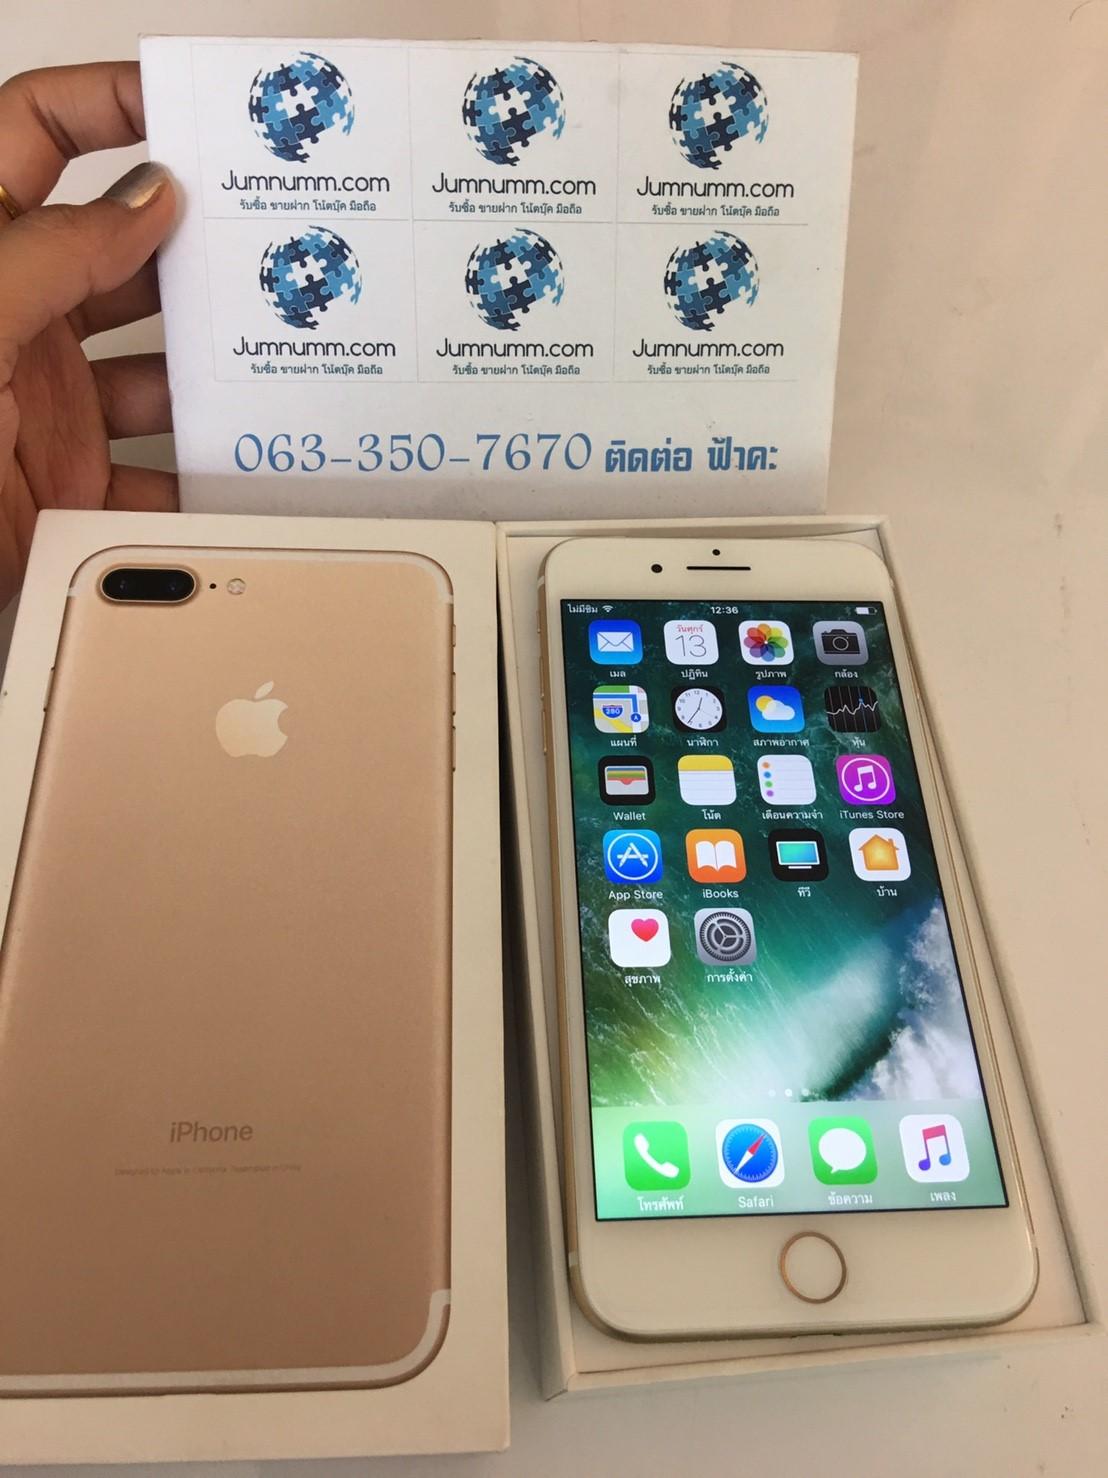 IPhone7 Plus 128Gb สีชมพู สภาพนางฟ้า ประกันหมด ต.ค60